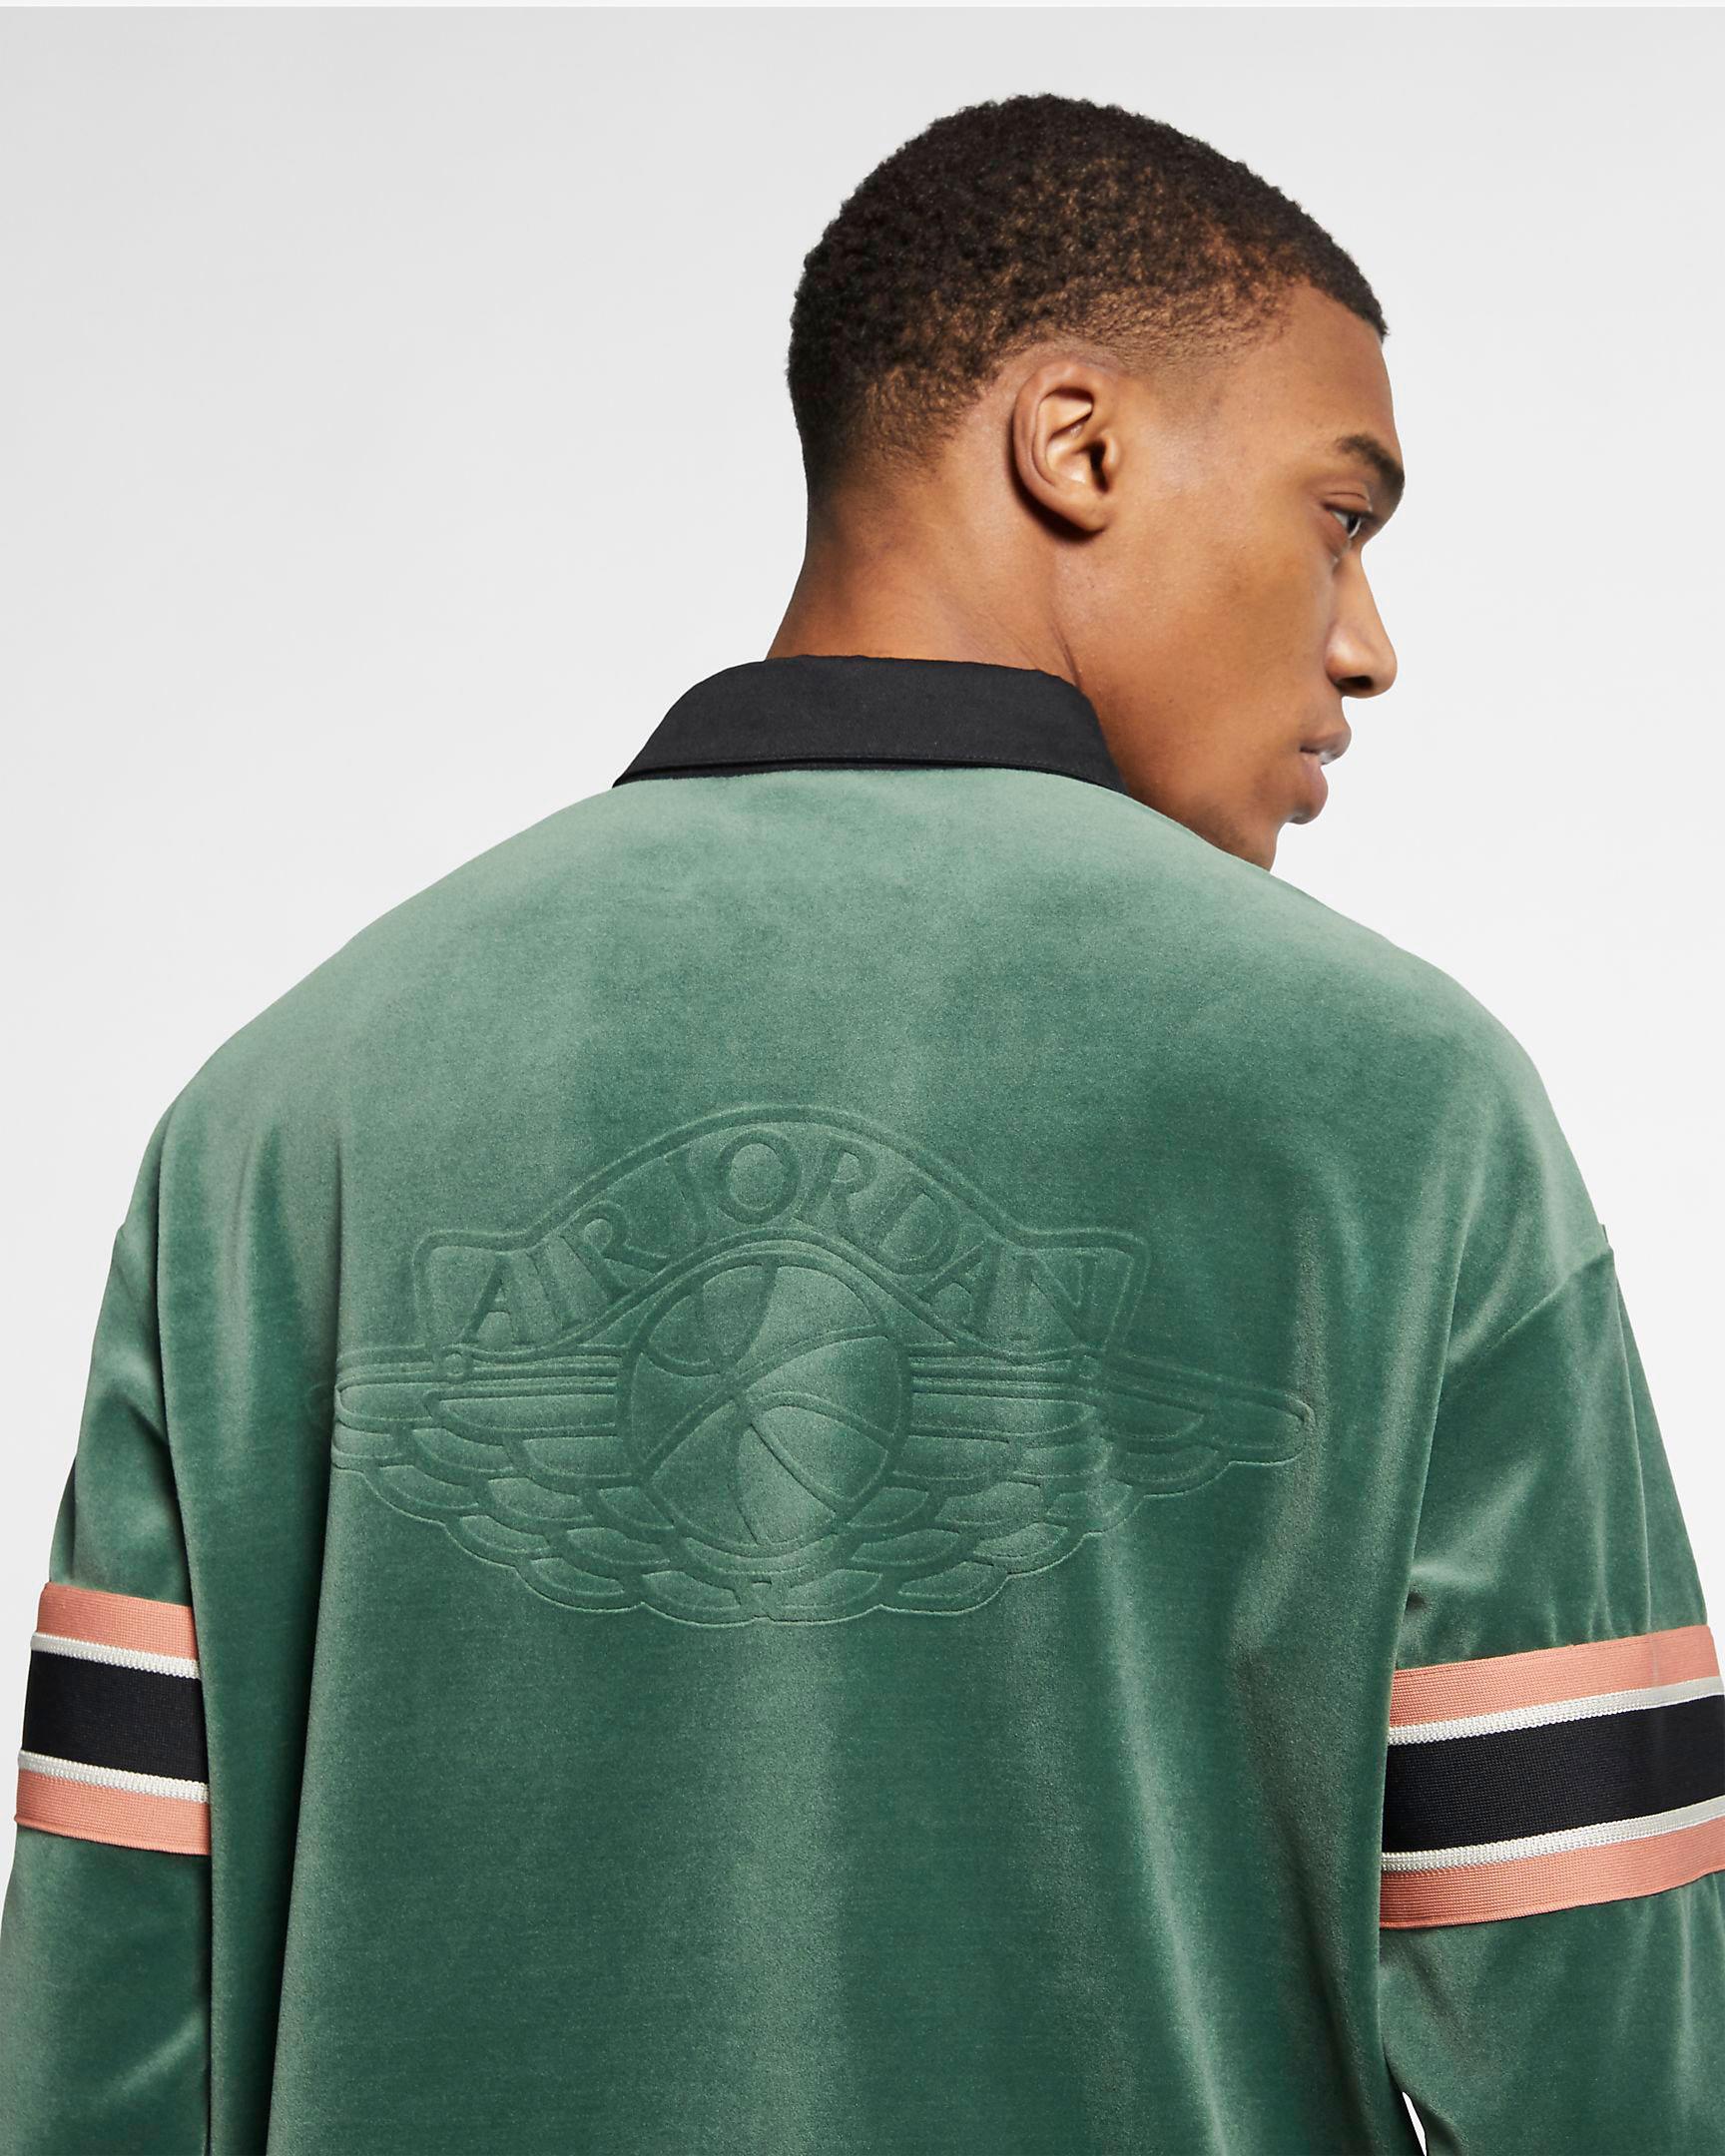 jordan-1-crimson-tint-matching-shirt-4